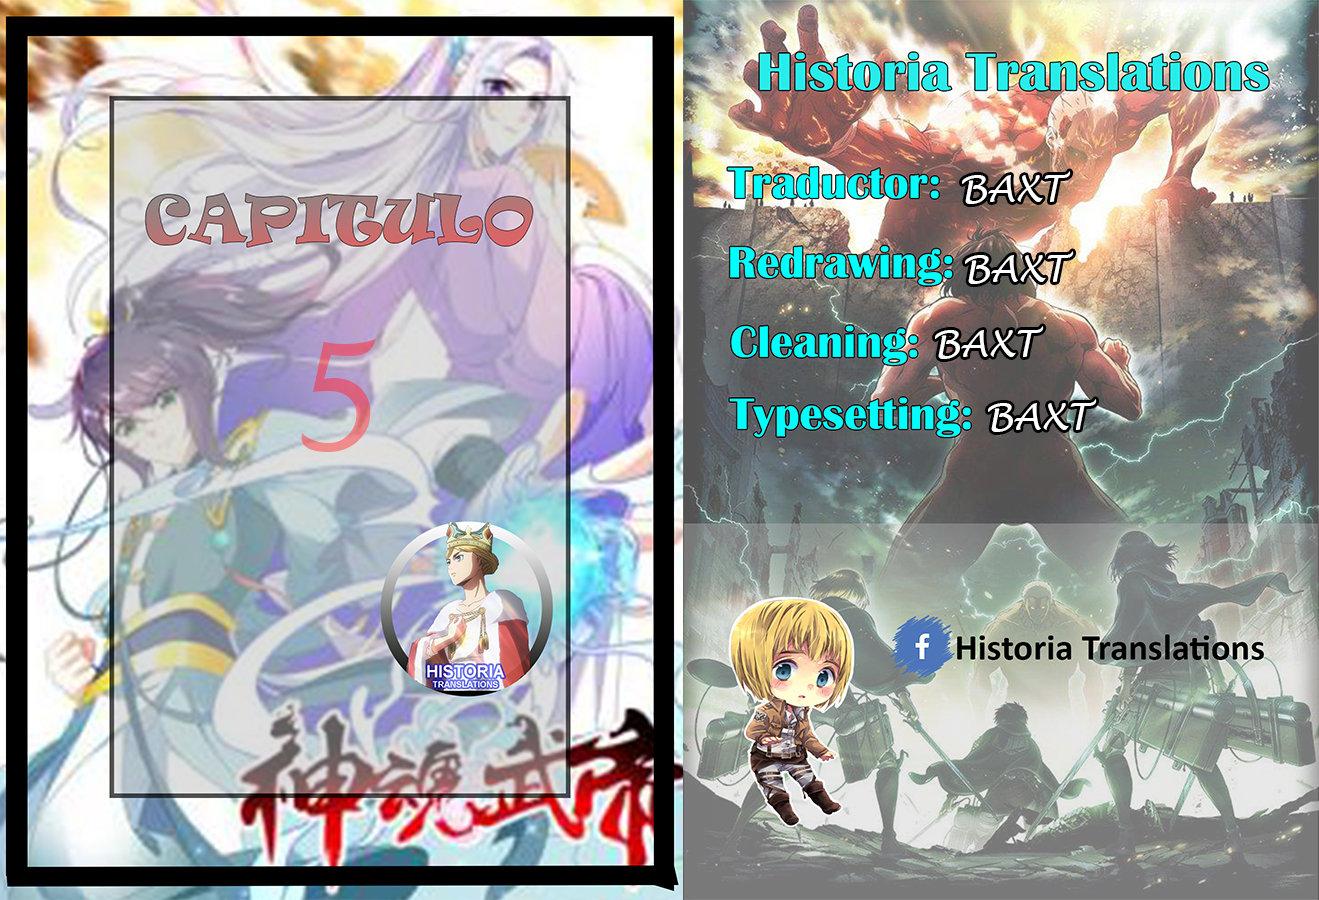 https://nine.mangadogs.com/es_manga/pic9/62/37630/972310/017335bad48f4cae20a7fb8201cc1323.jpg Page 1